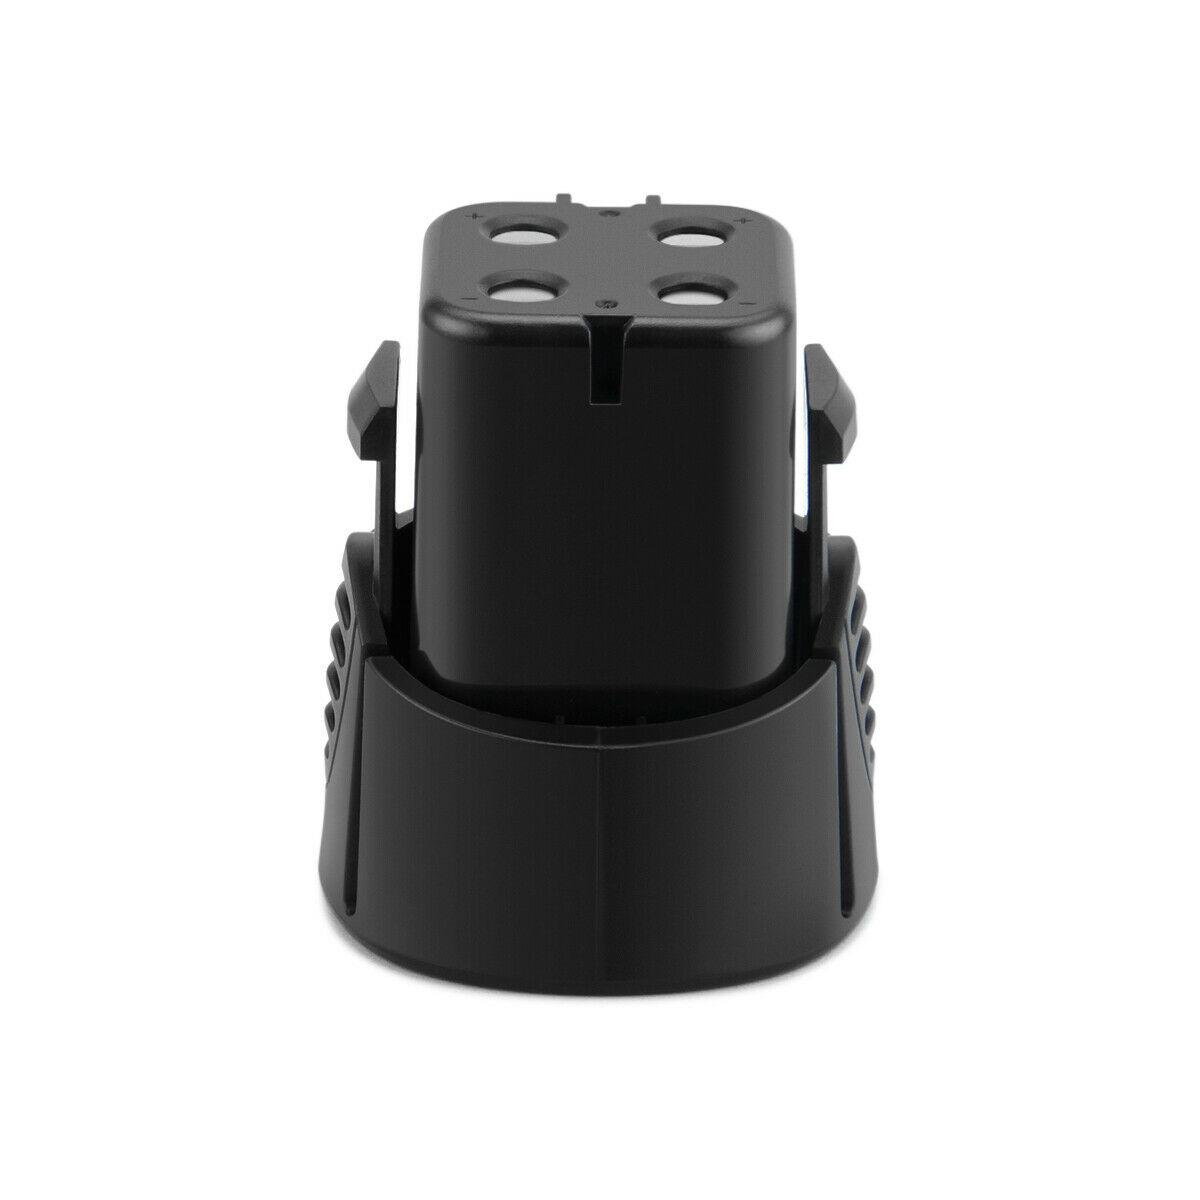 Batterie 4.8V 3000mAh Ni-MH Dremel 7300-N/8,755-01,750-02,7300 PT,5000755-01(compatible)